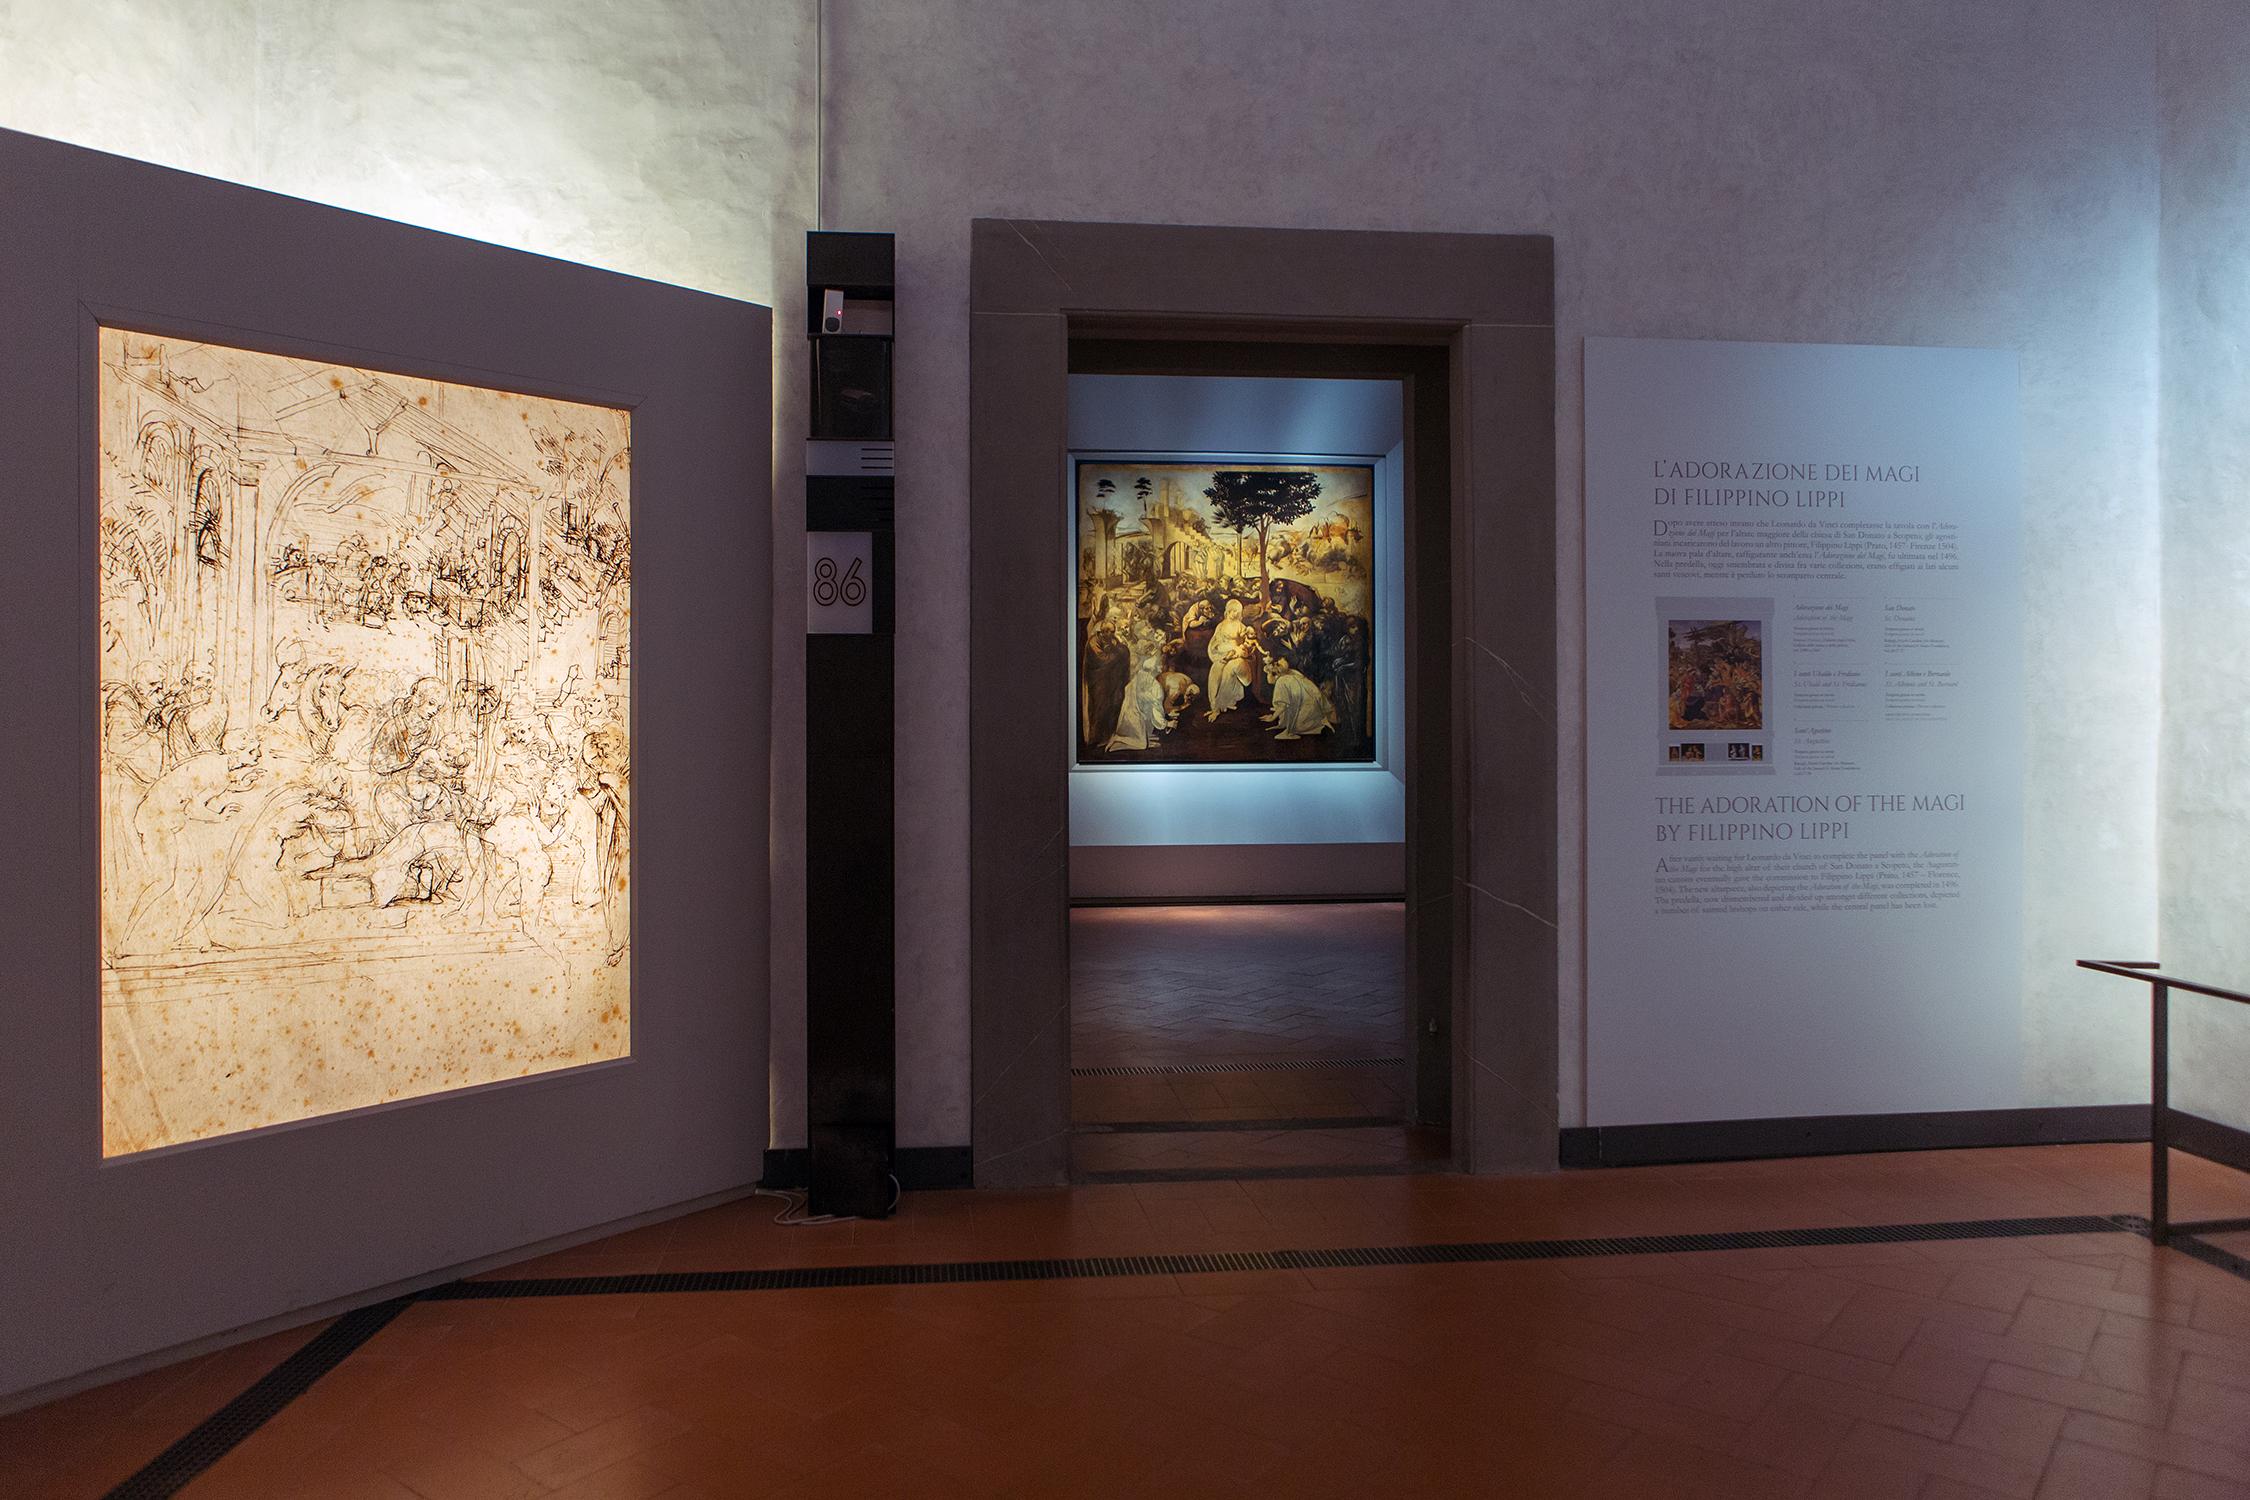 """Galleria degli Uffizi, sale dedicate a Leonardo da Vinci. Al centro, oltre il passaggio, l'opera """"L'Adorazione dei Magi""""."""